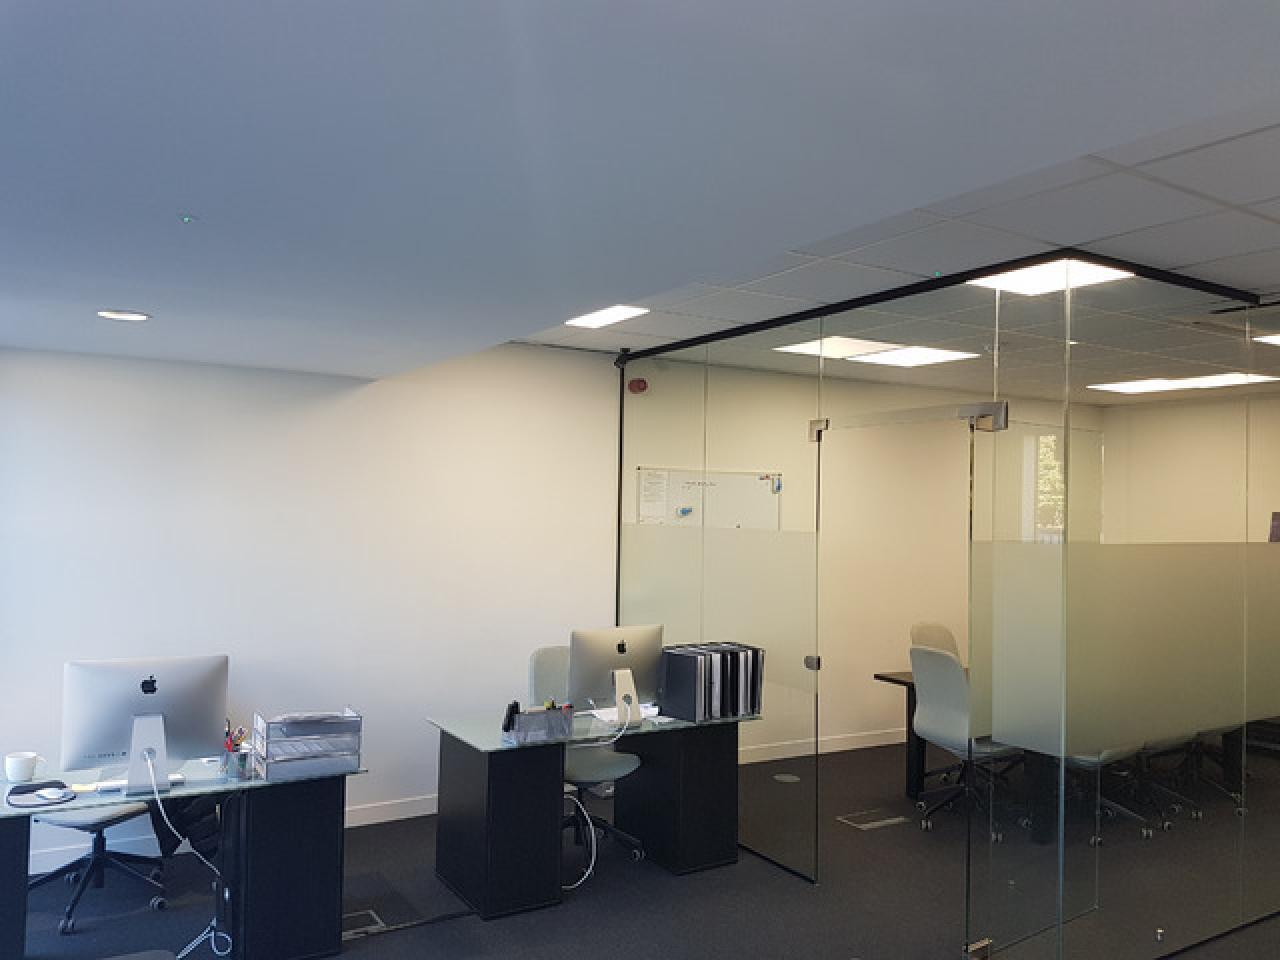 Сдается рабочее место или часть офиса с доступом в Meeting room - 7